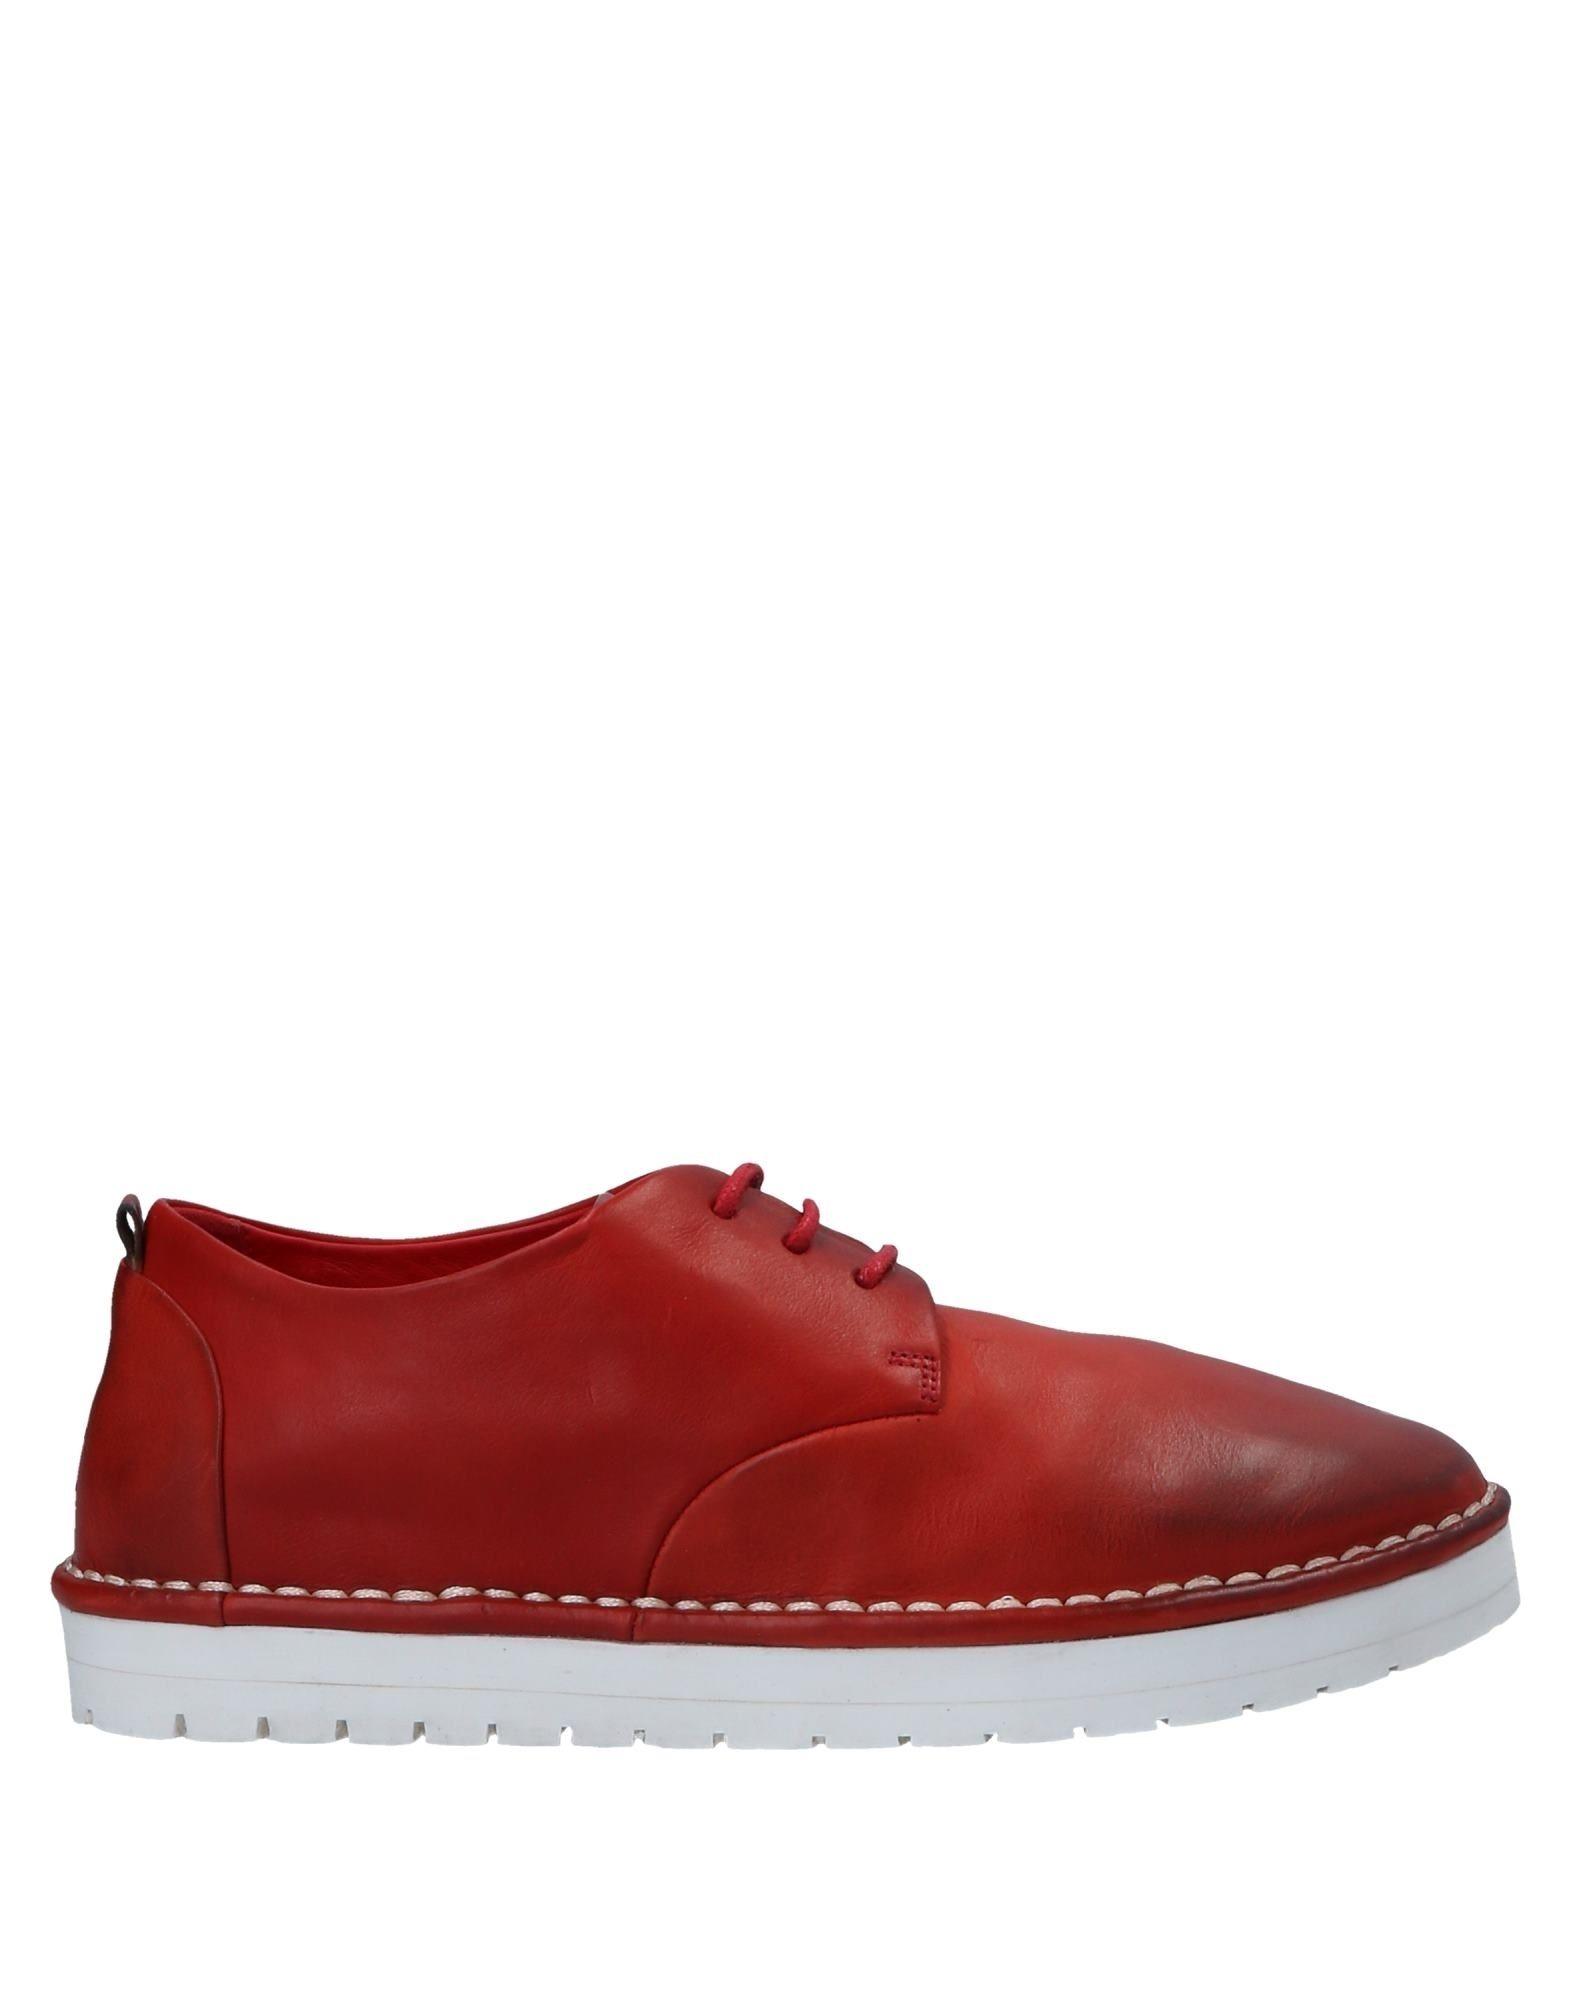 MARSÈLL Обувь на шнурках обувь для борьбы ascs ascs014 31 32 34